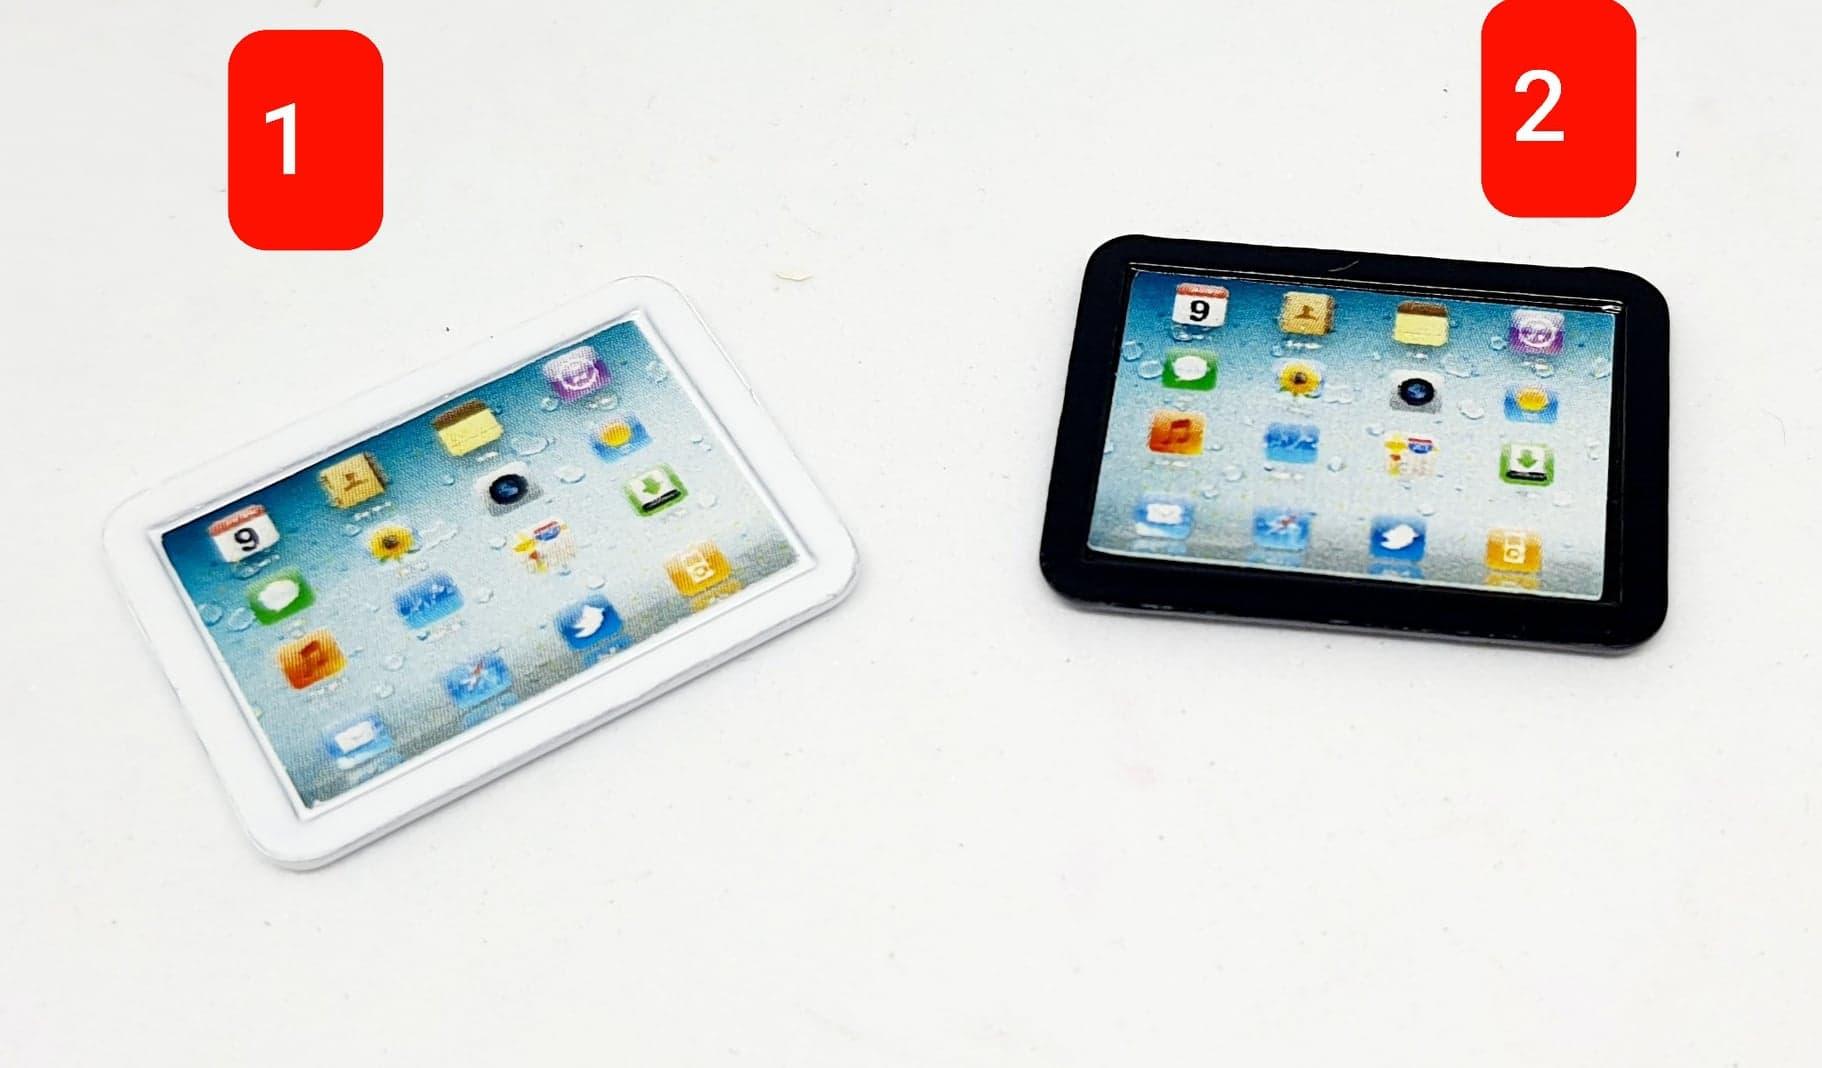 A048-ไอแพดจิ๋ว(iPad)ราคาต่อชิ้น